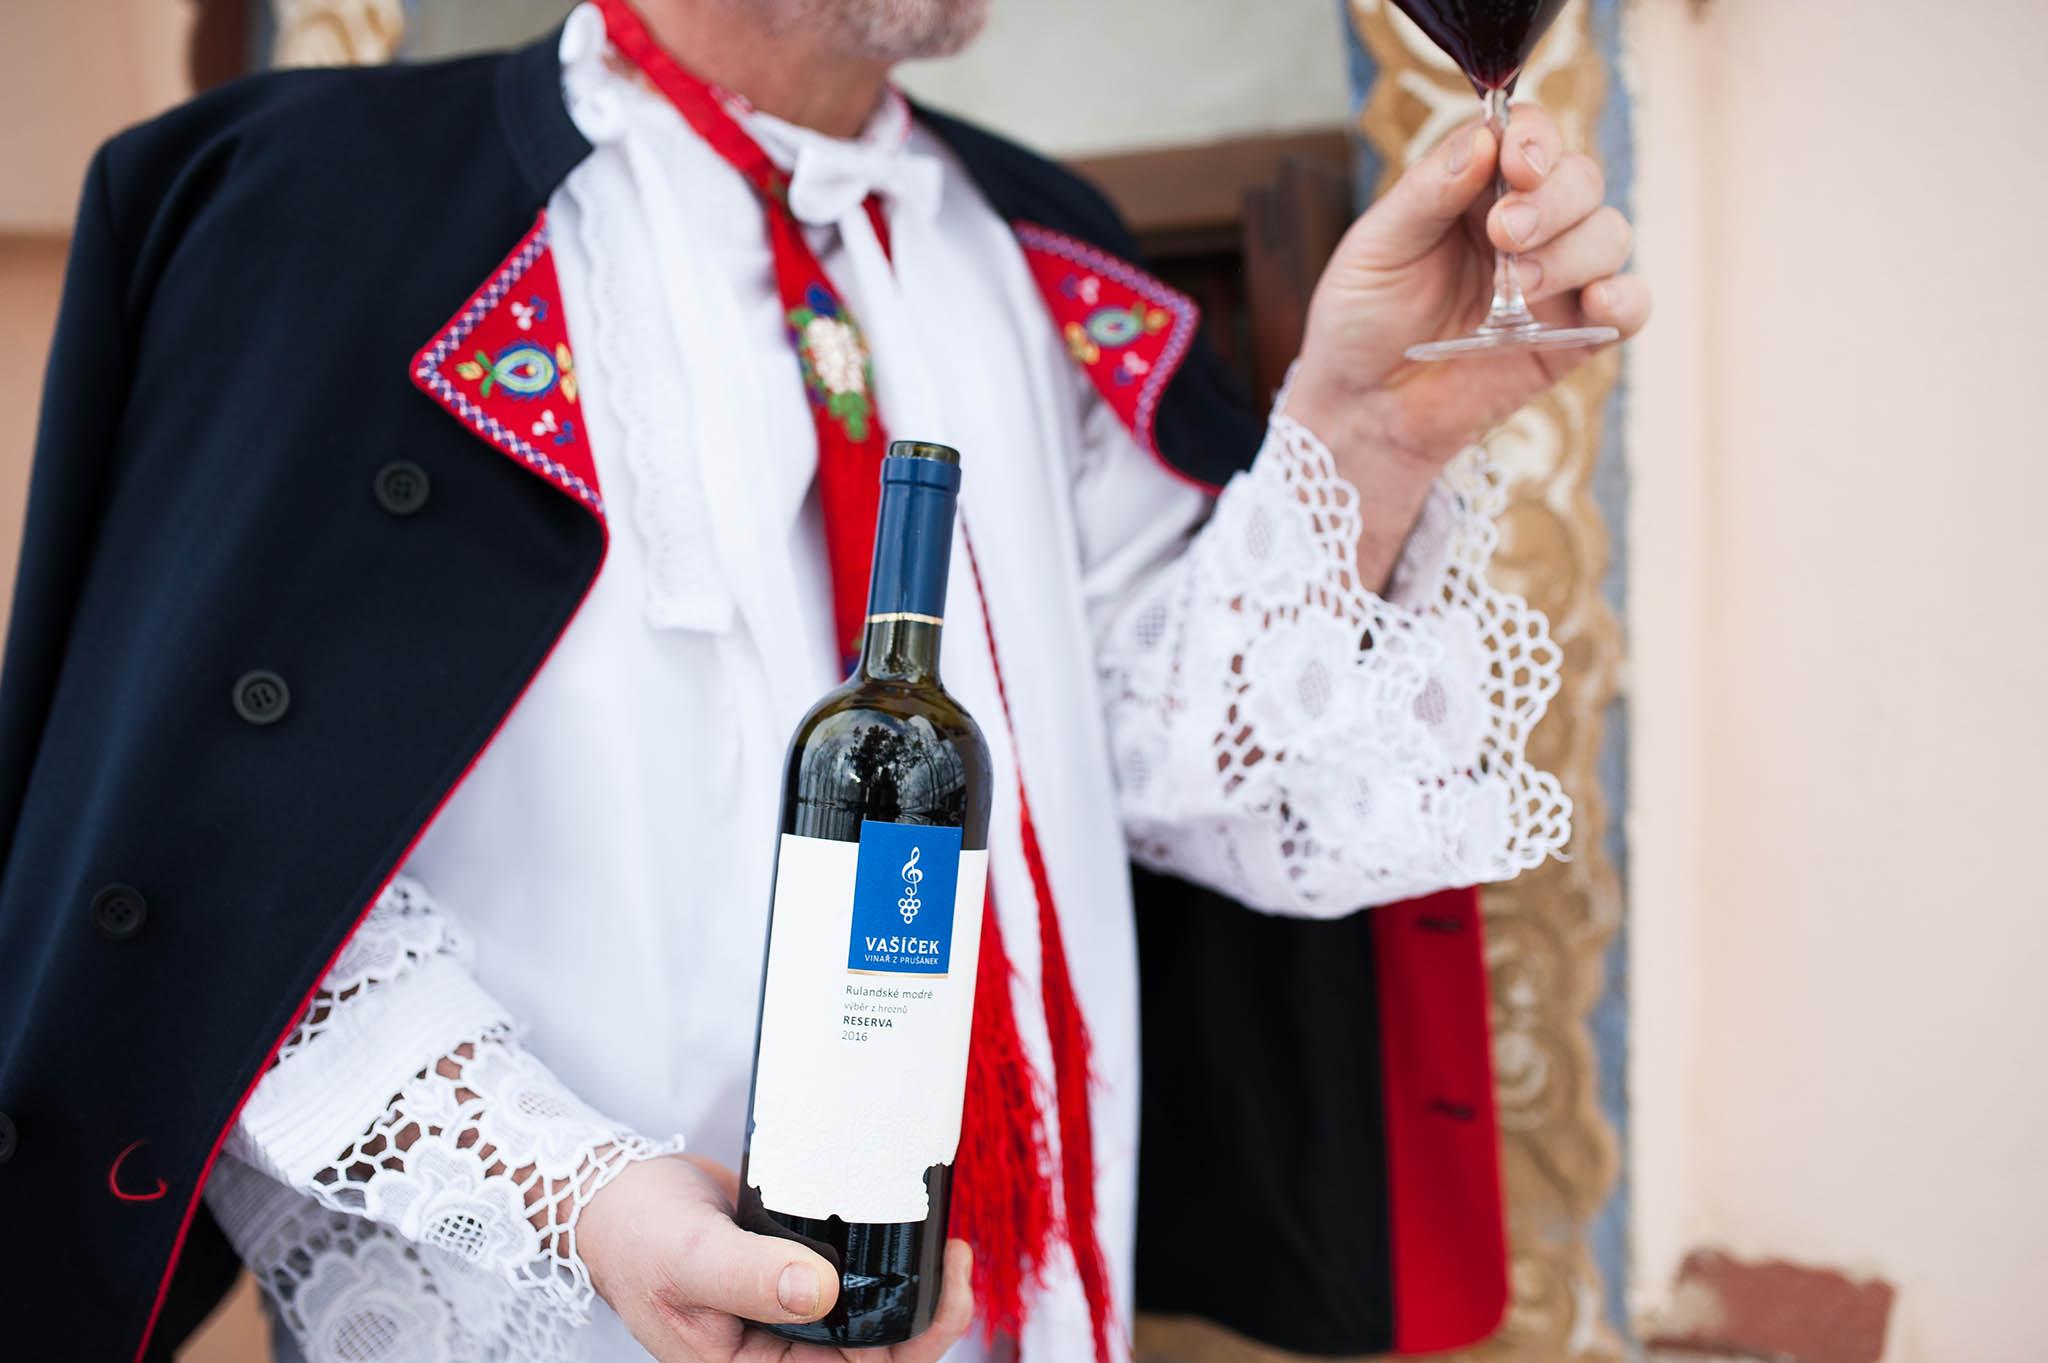 Vinařství Milan Vašíček (Prušánky)